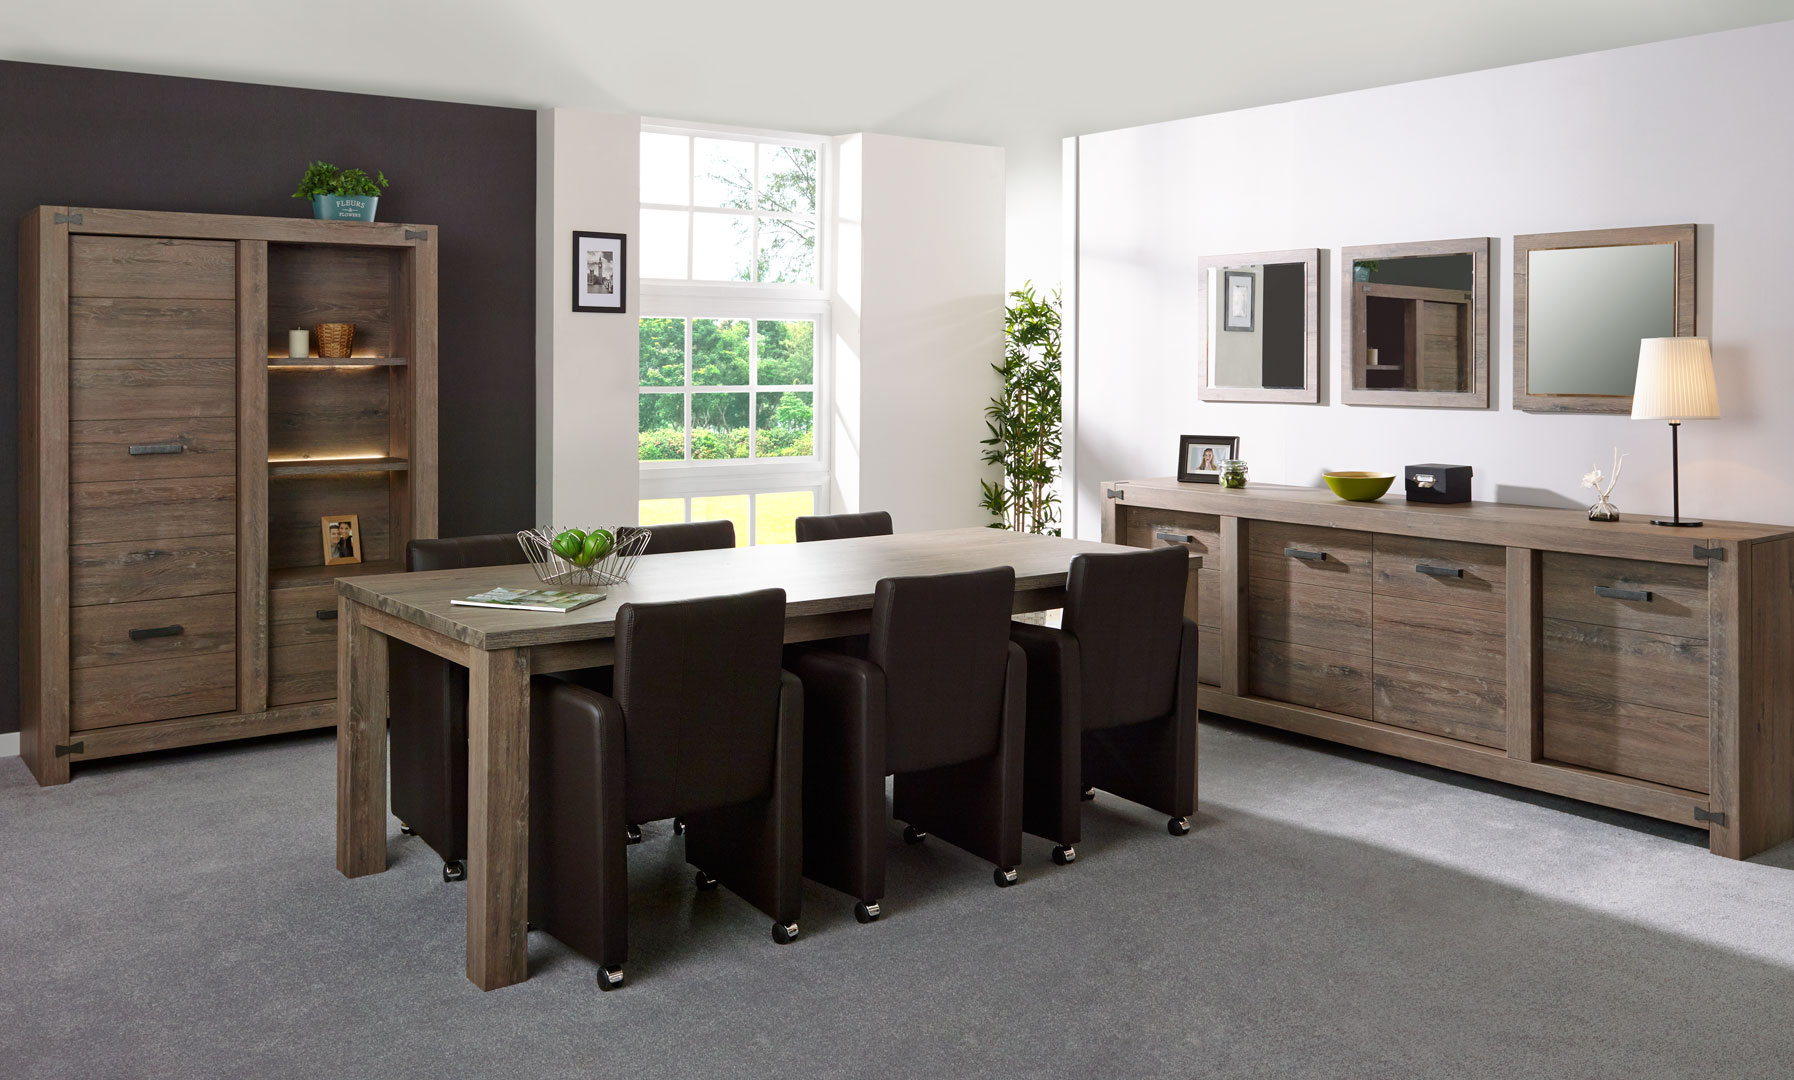 Salle à manger contemporaine coloris chêne brun Koxie I